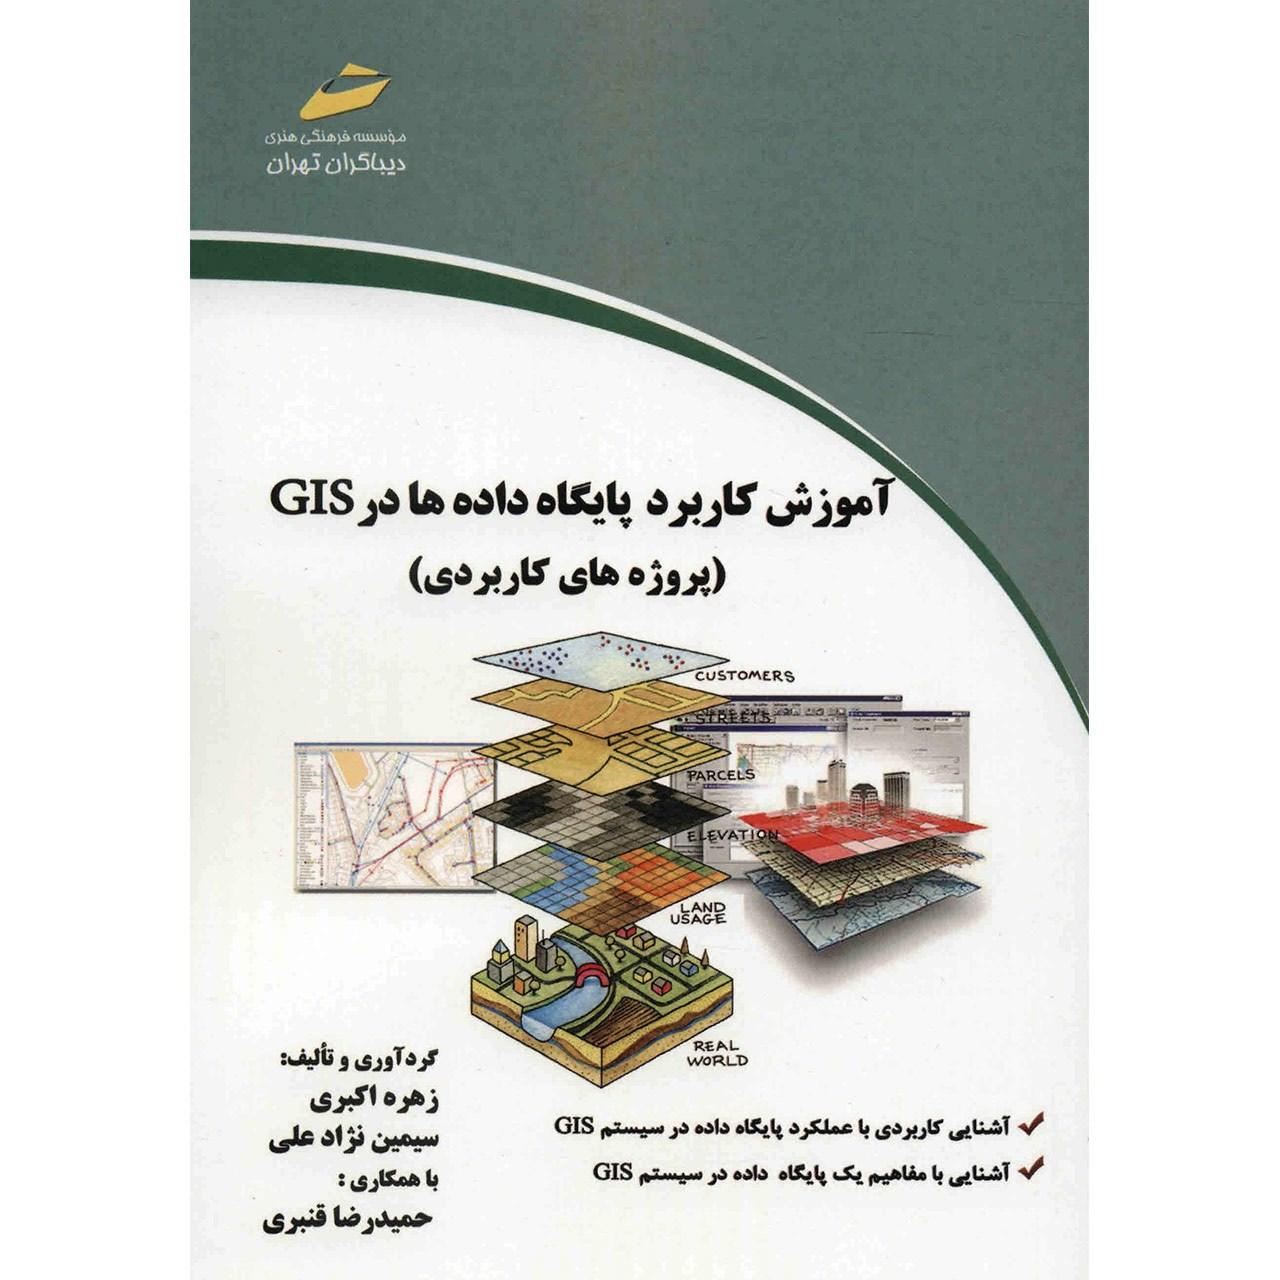 کتاب آموزش کاربرد پایگاه داده ها در GIS اثر زهره اکبری